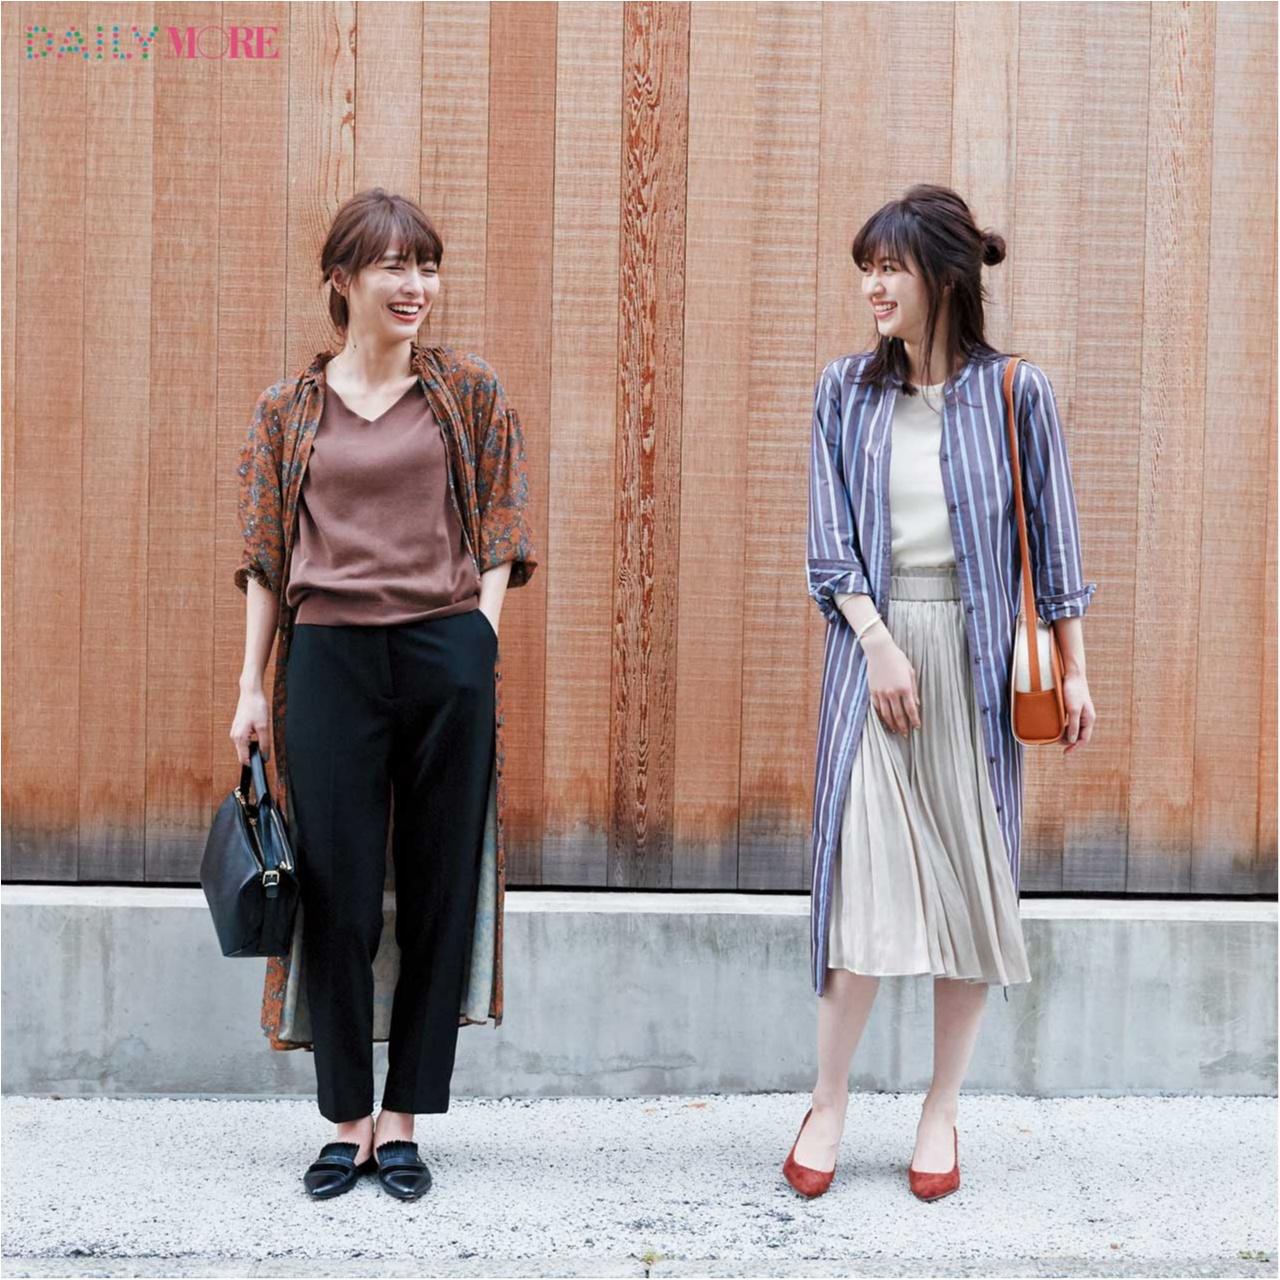 【月→水で同じ服を着てもバレない⁉】秋のお仕事コーデには、着方で激変する2wayワンピがマストです☆_1_2